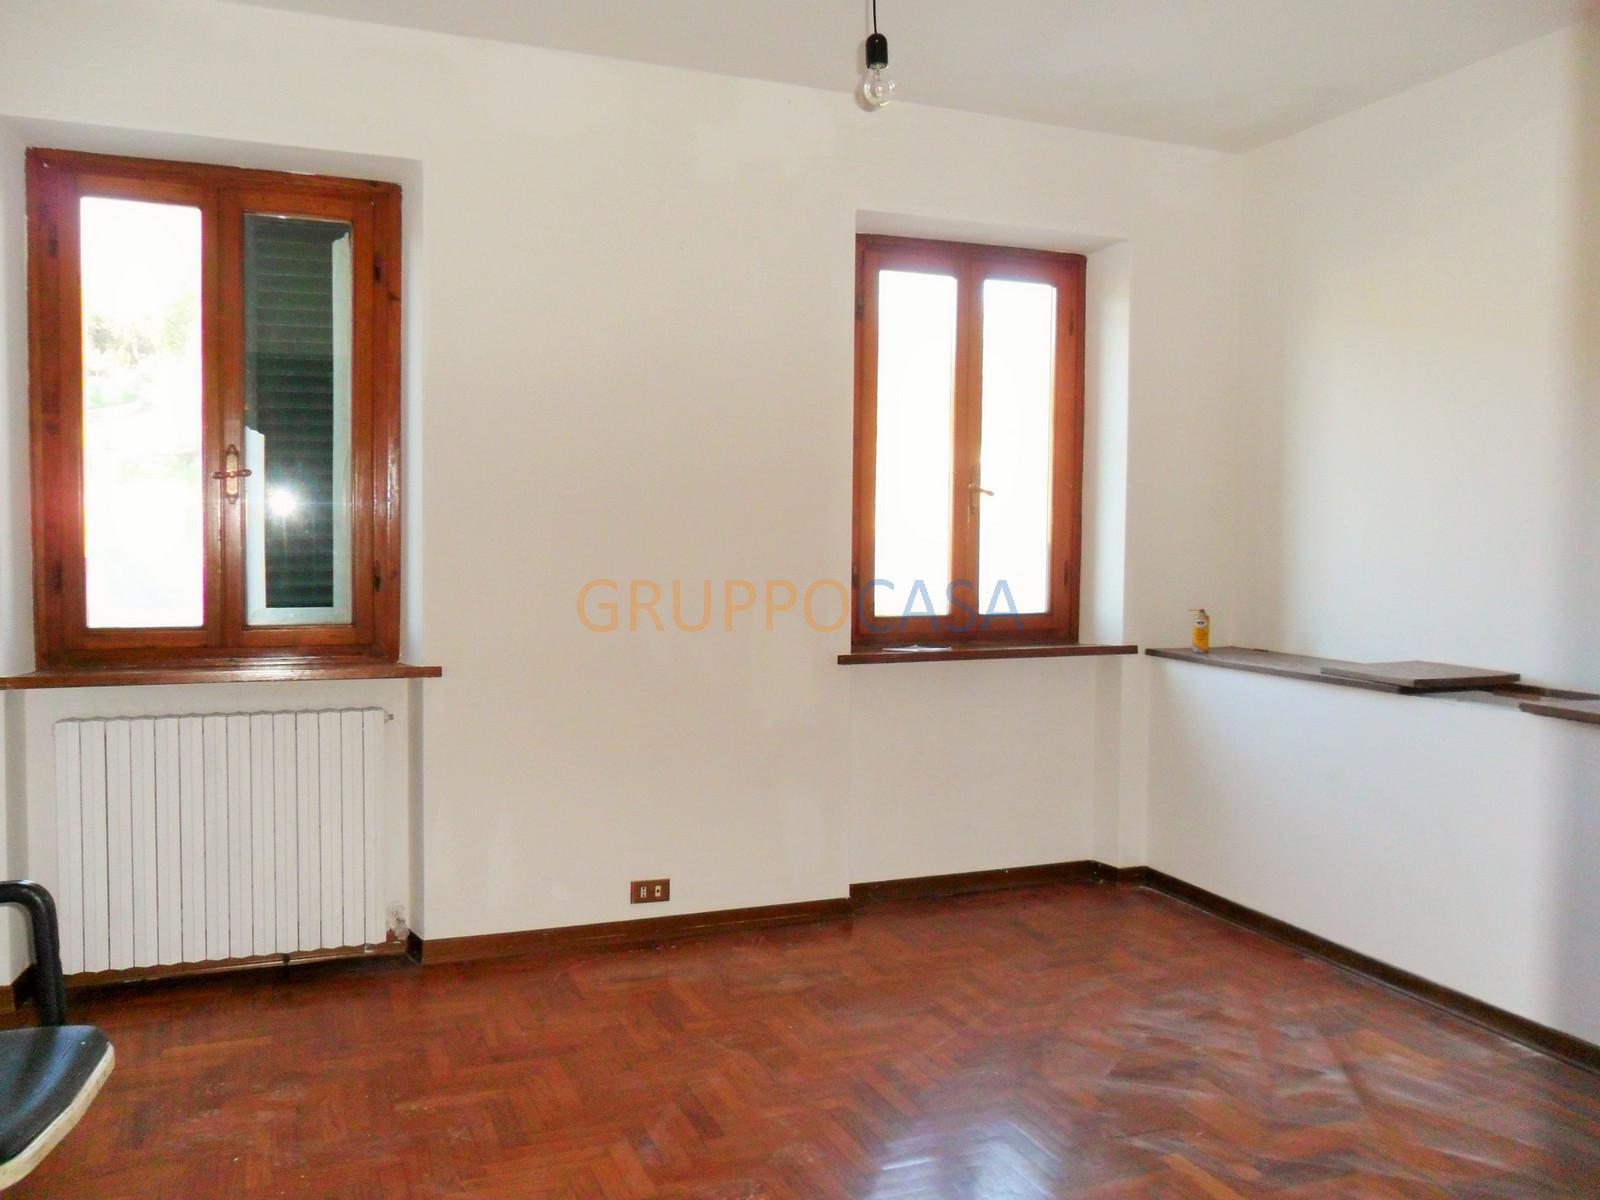 Soluzione Semindipendente in affitto a Pescia, 5 locali, zona Località: Periferia, prezzo € 500 | Cambio Casa.it